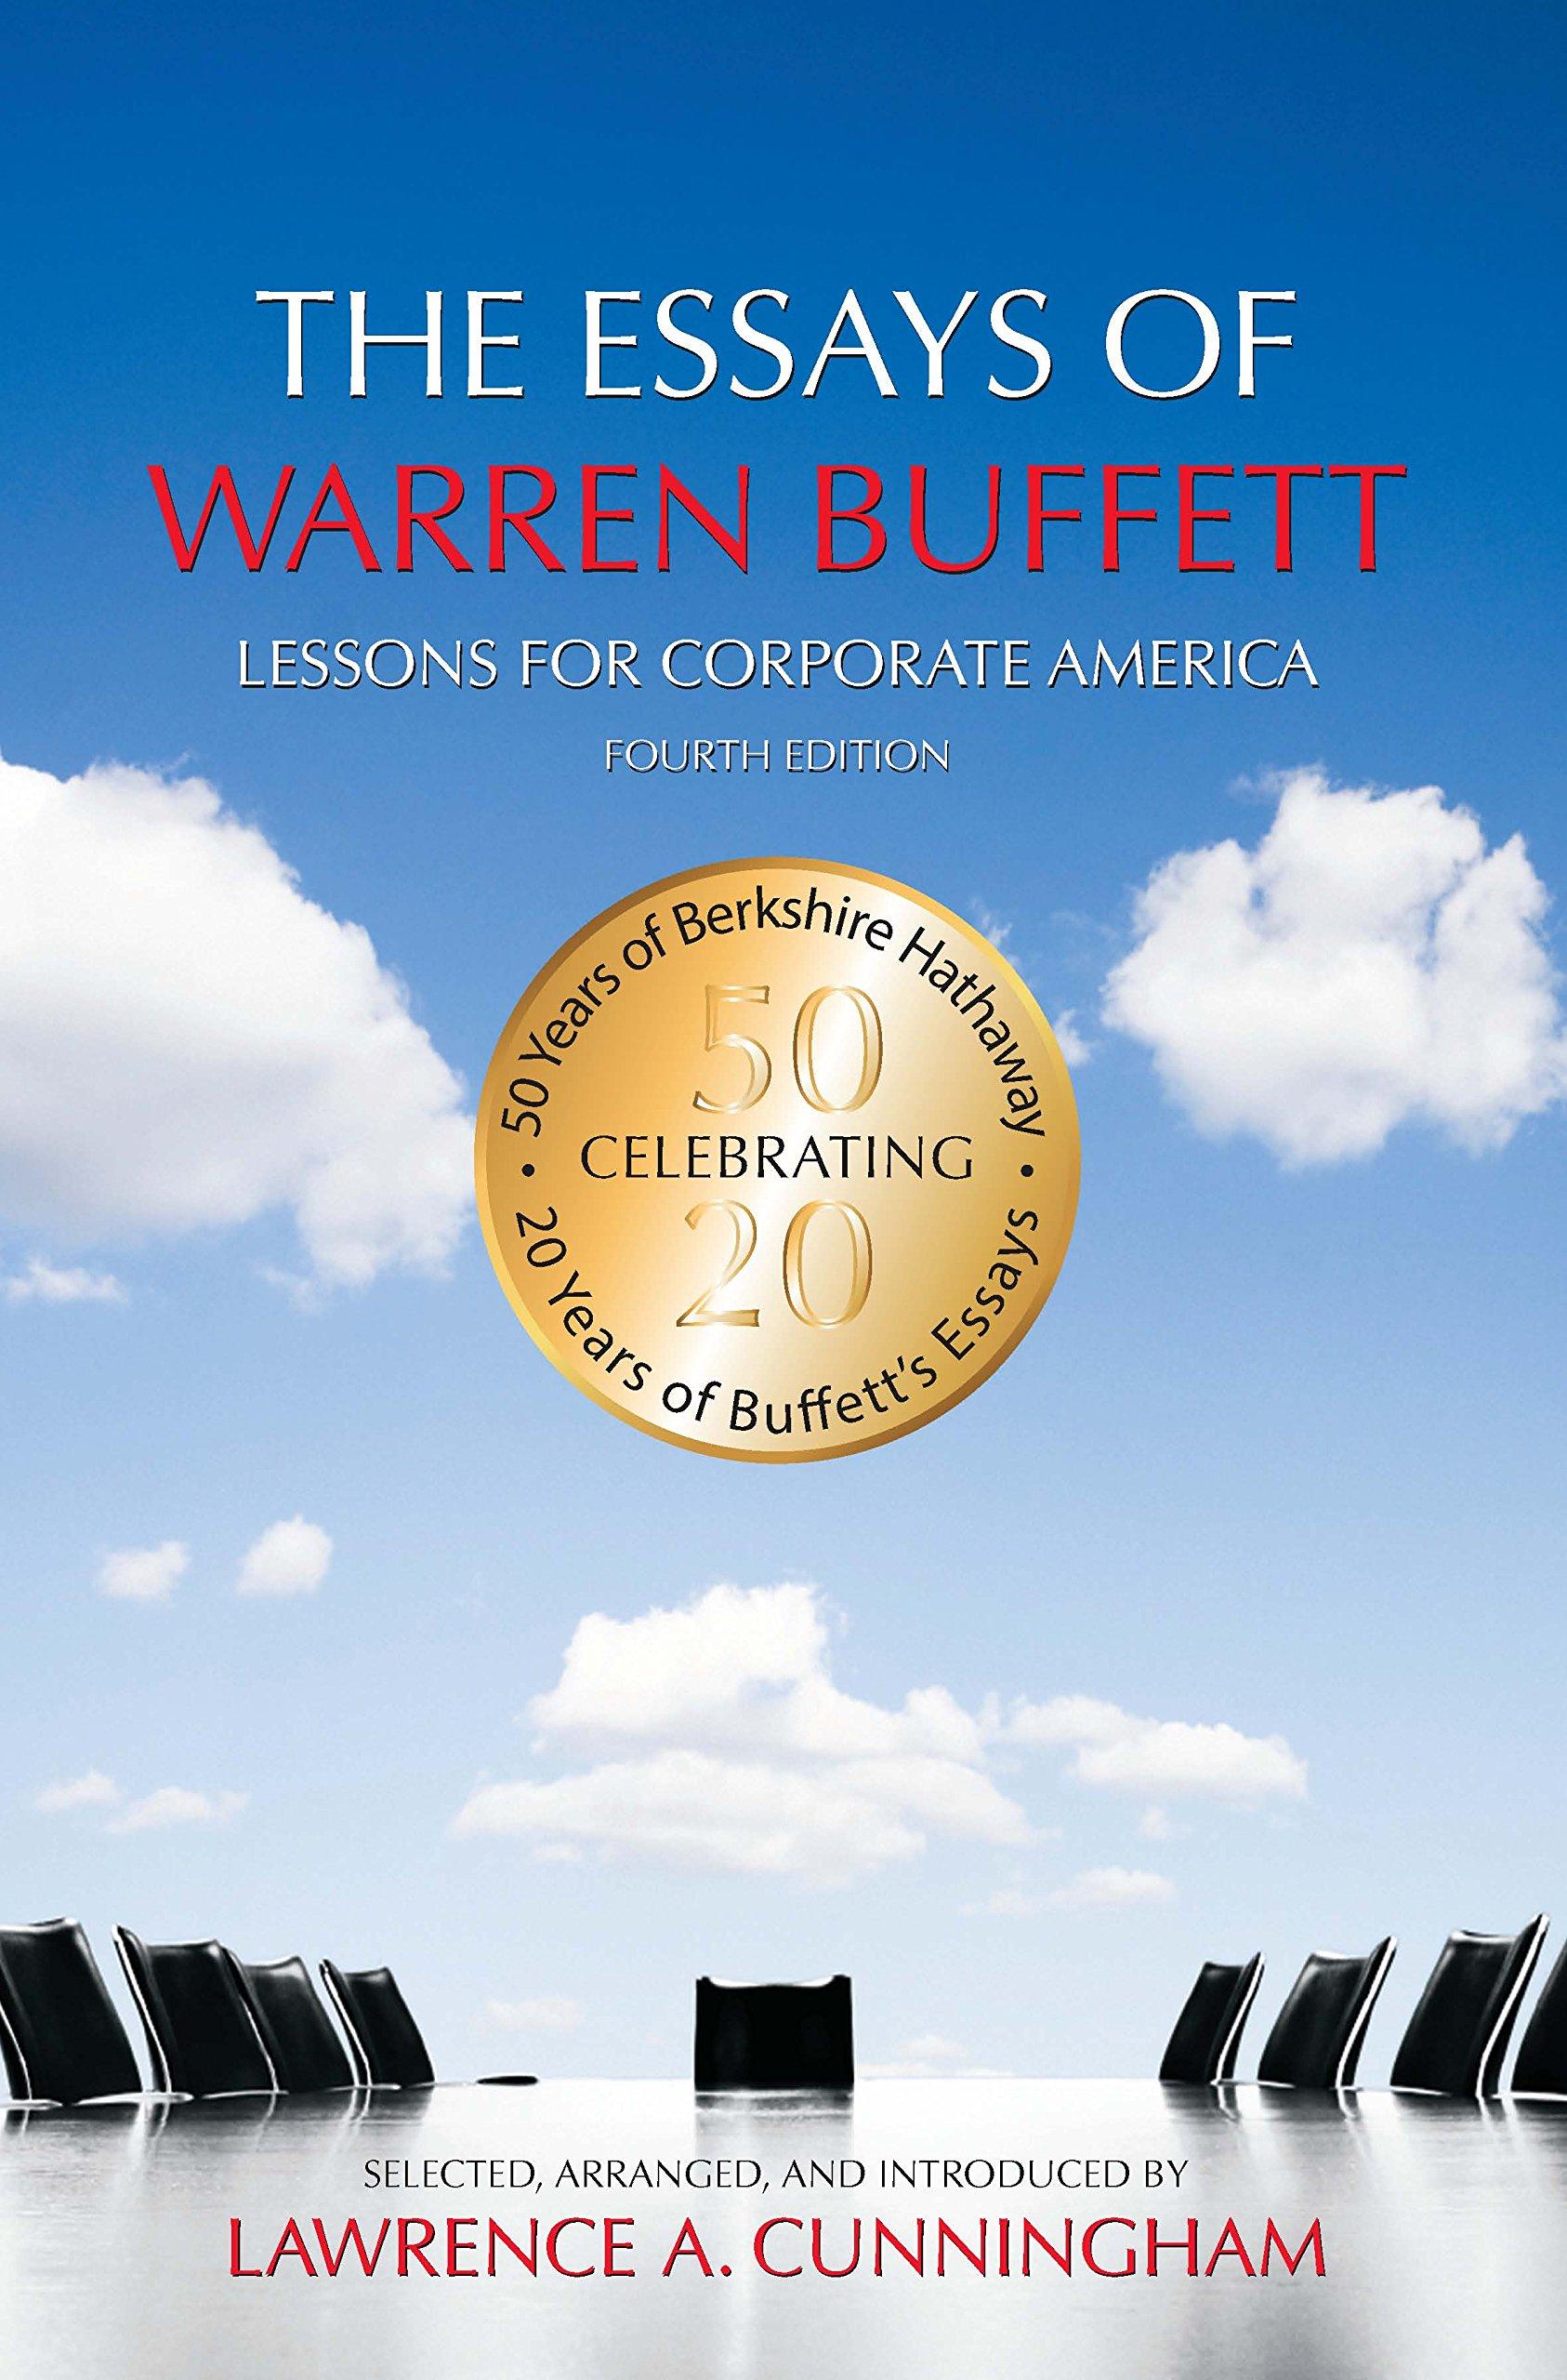 006 Die Essays Von Warren Buffett Essay Example Archaicawful Pdf Full